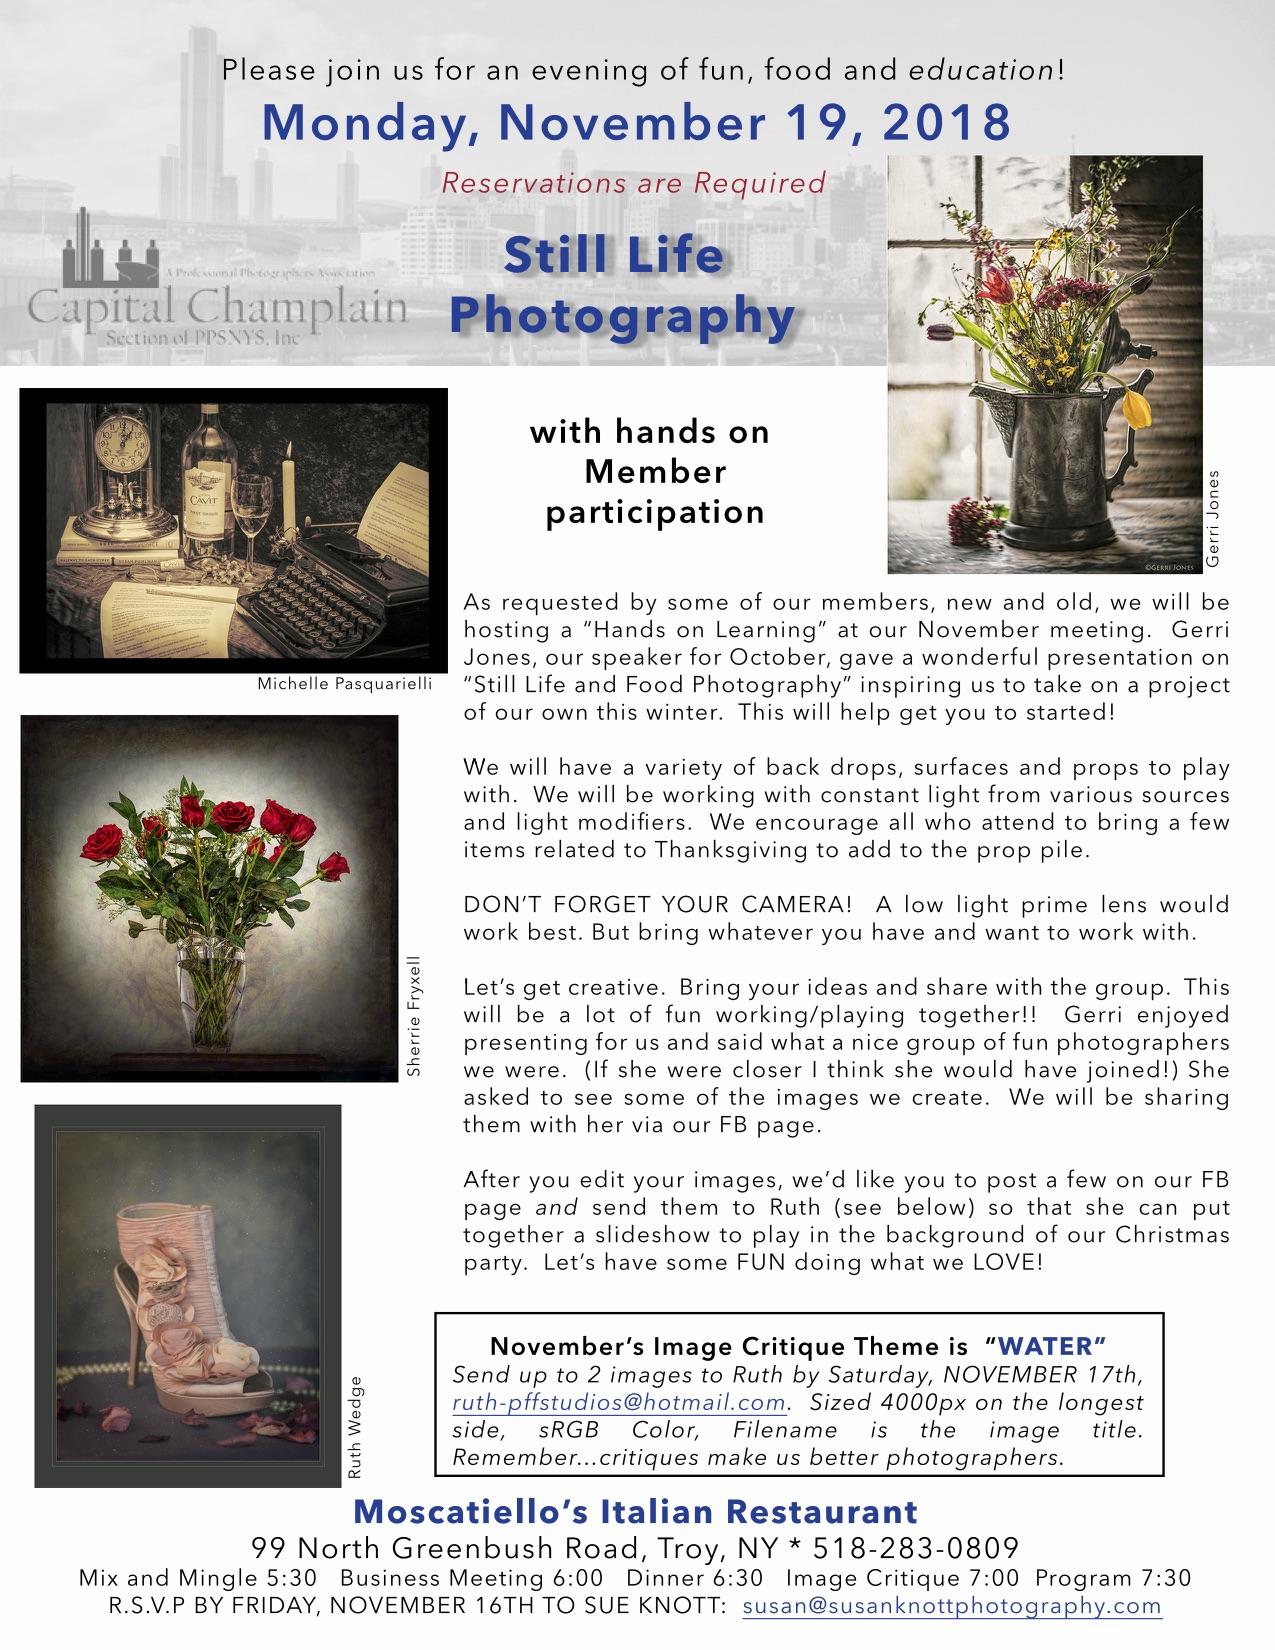 November 19th: Member - Still Life